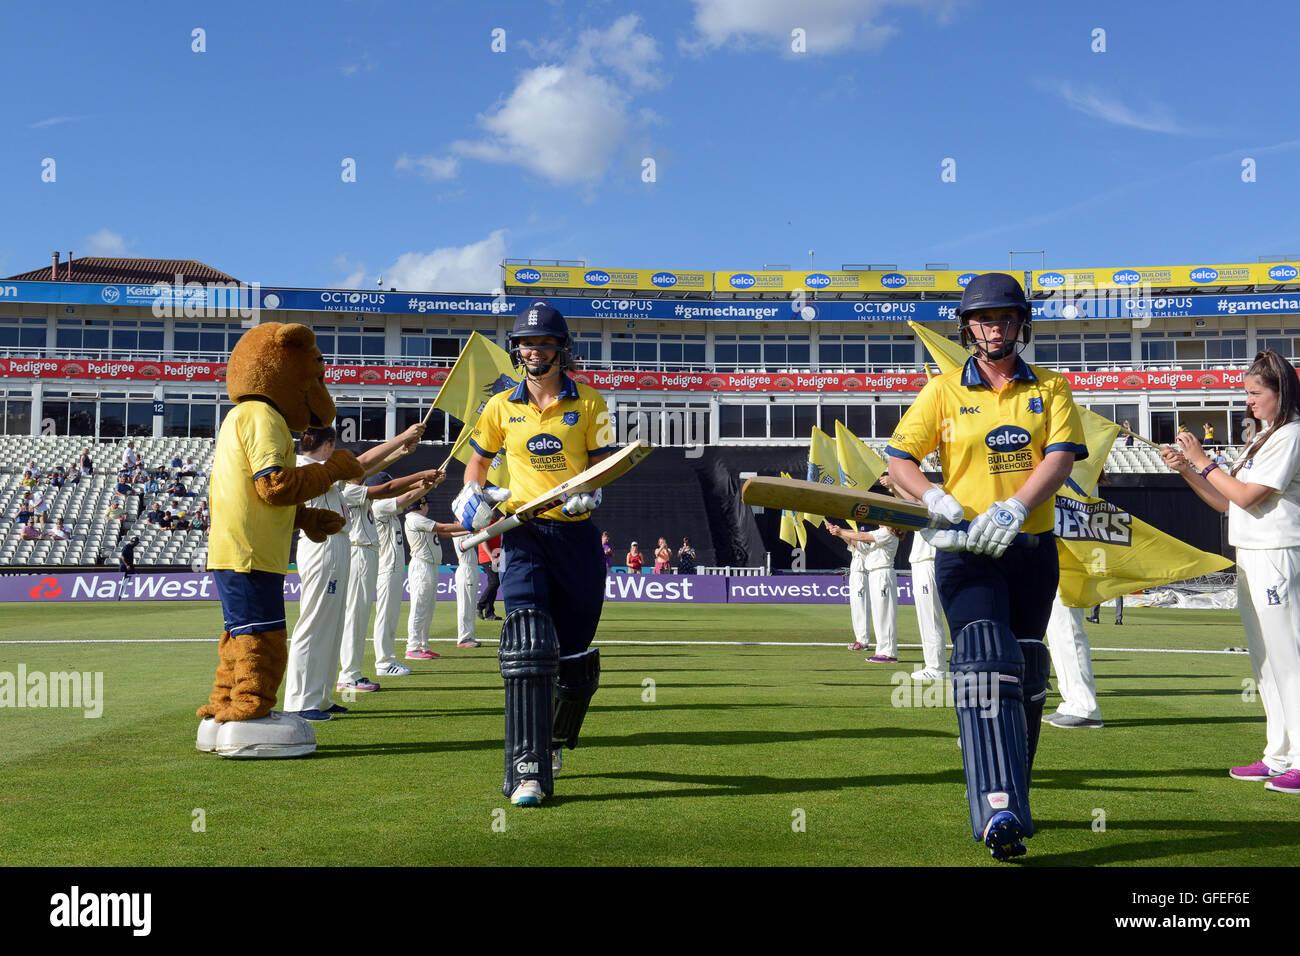 Warwickshire Bears signori cricket a piedi per la bat Edbaston home del Warwickshire County Cricket Club gran bretagna Immagini Stock